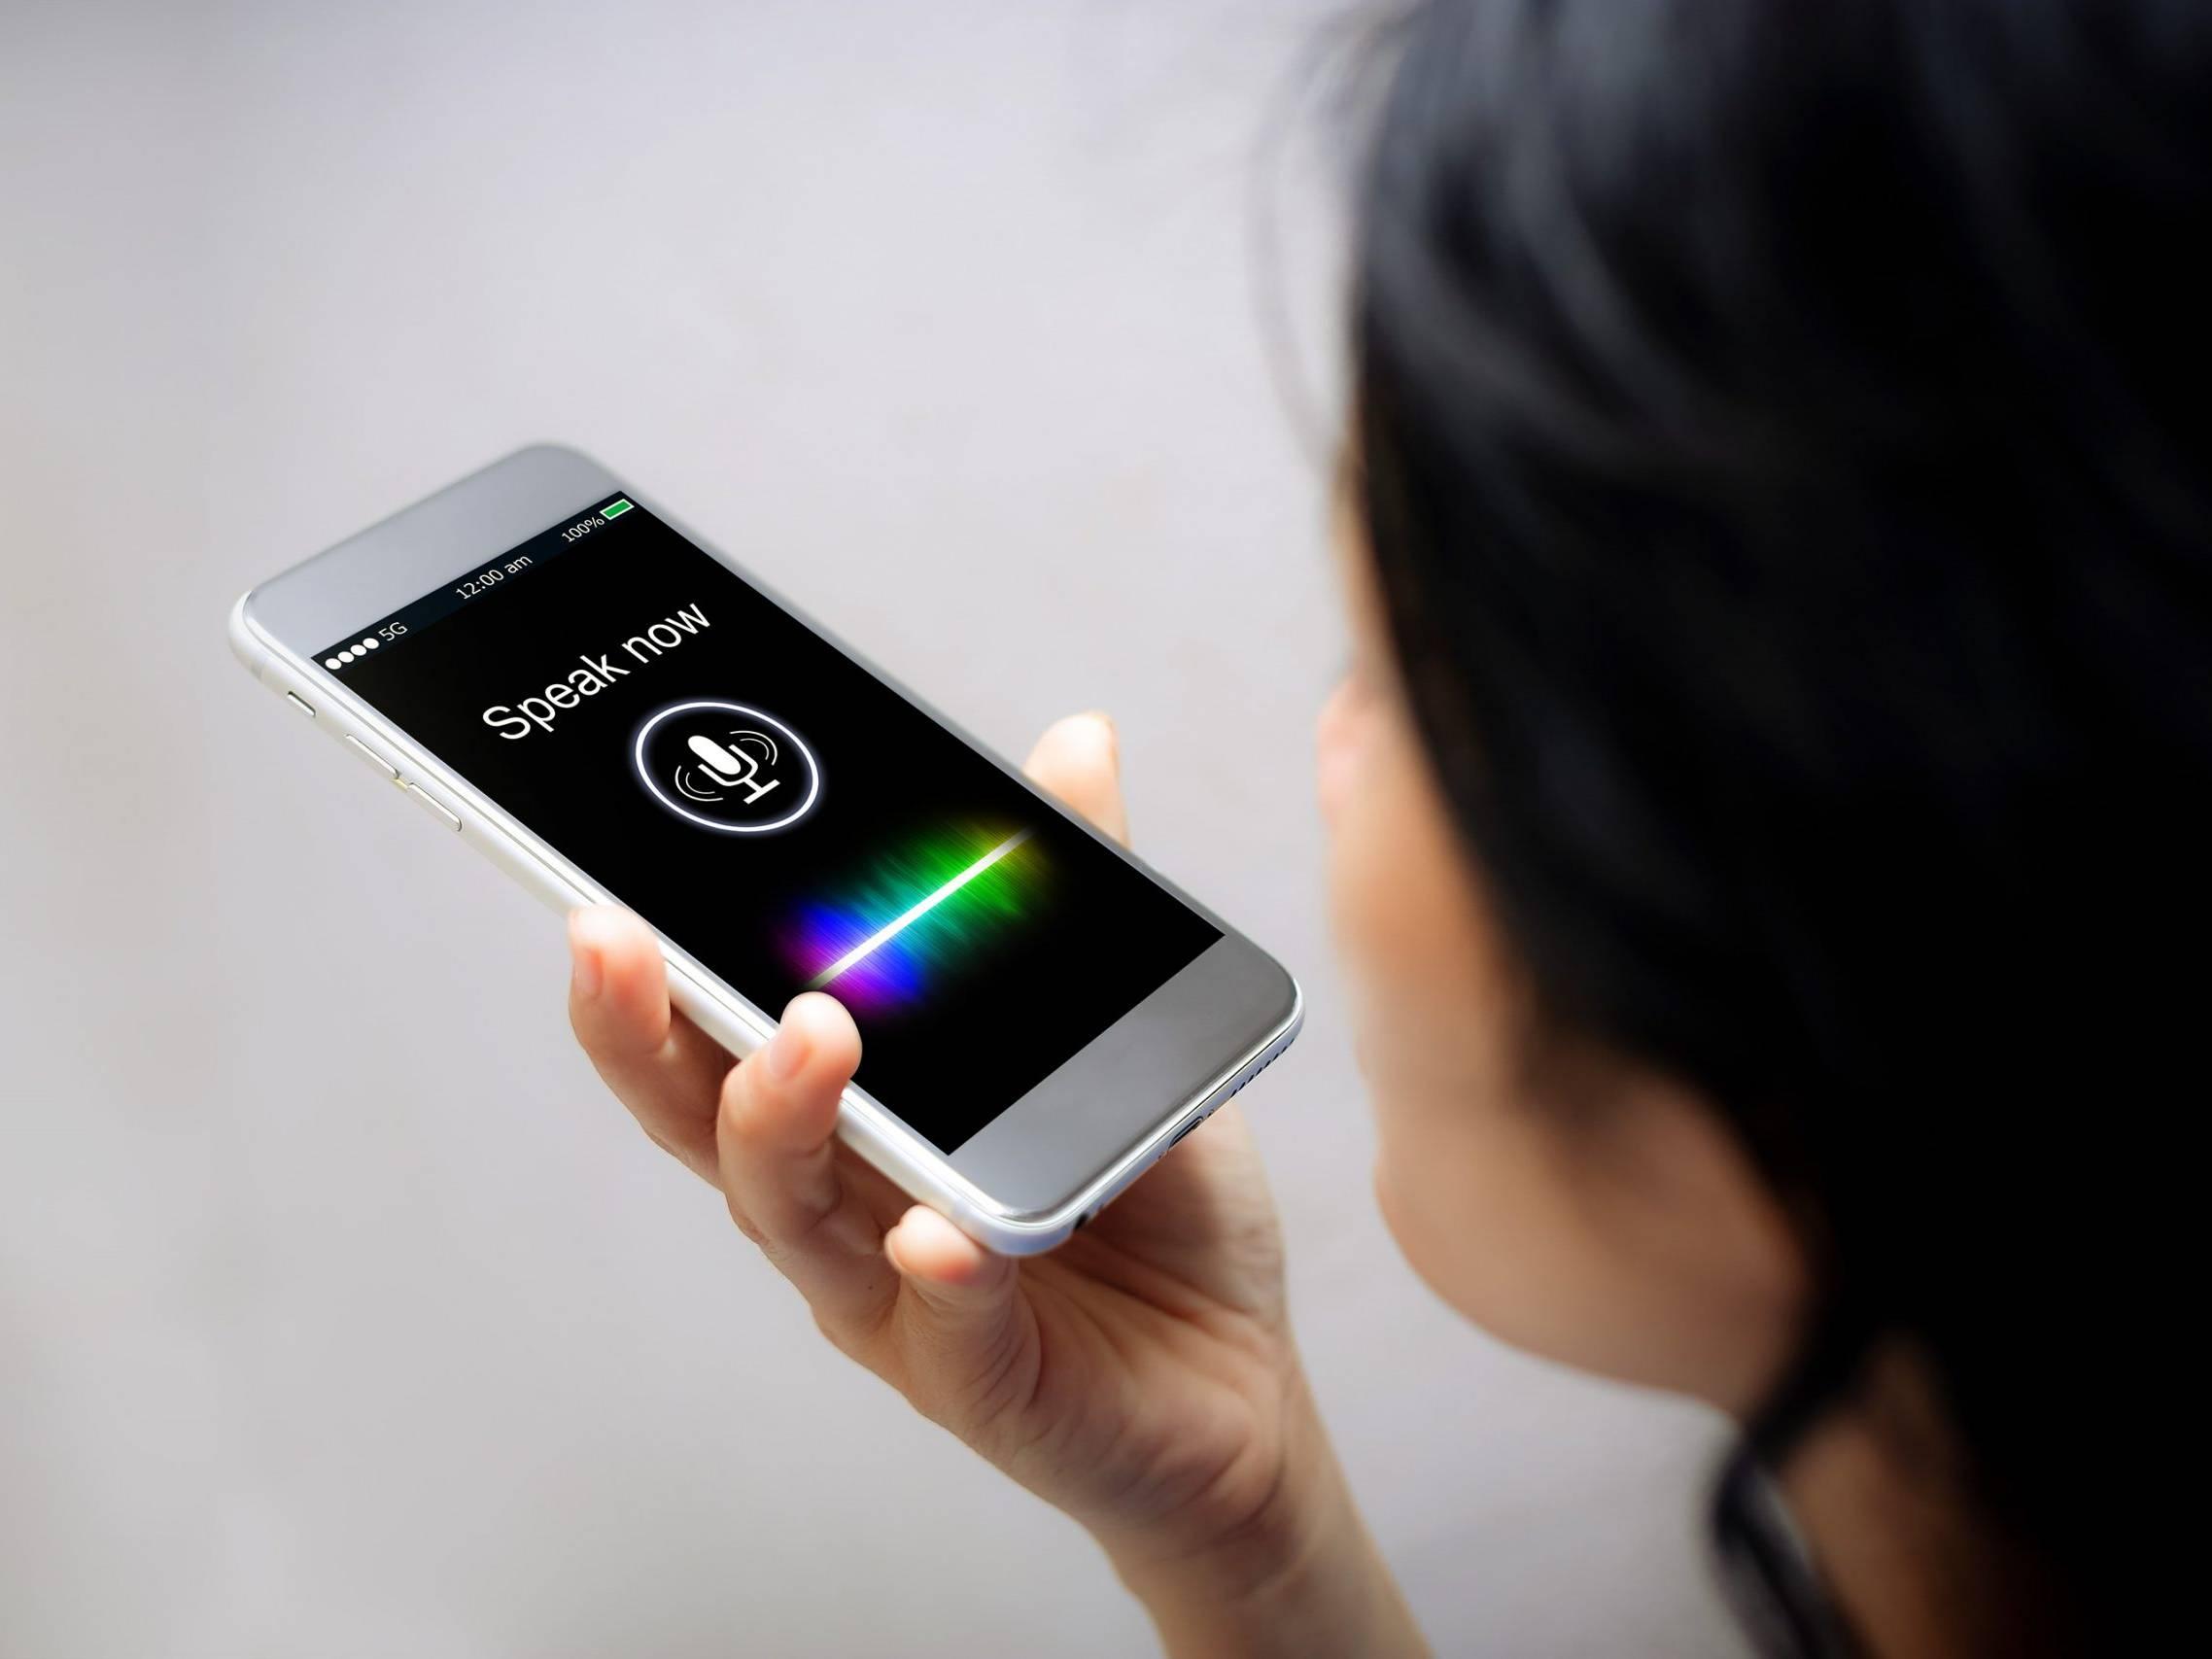 Apple Siri voice interface person DMG